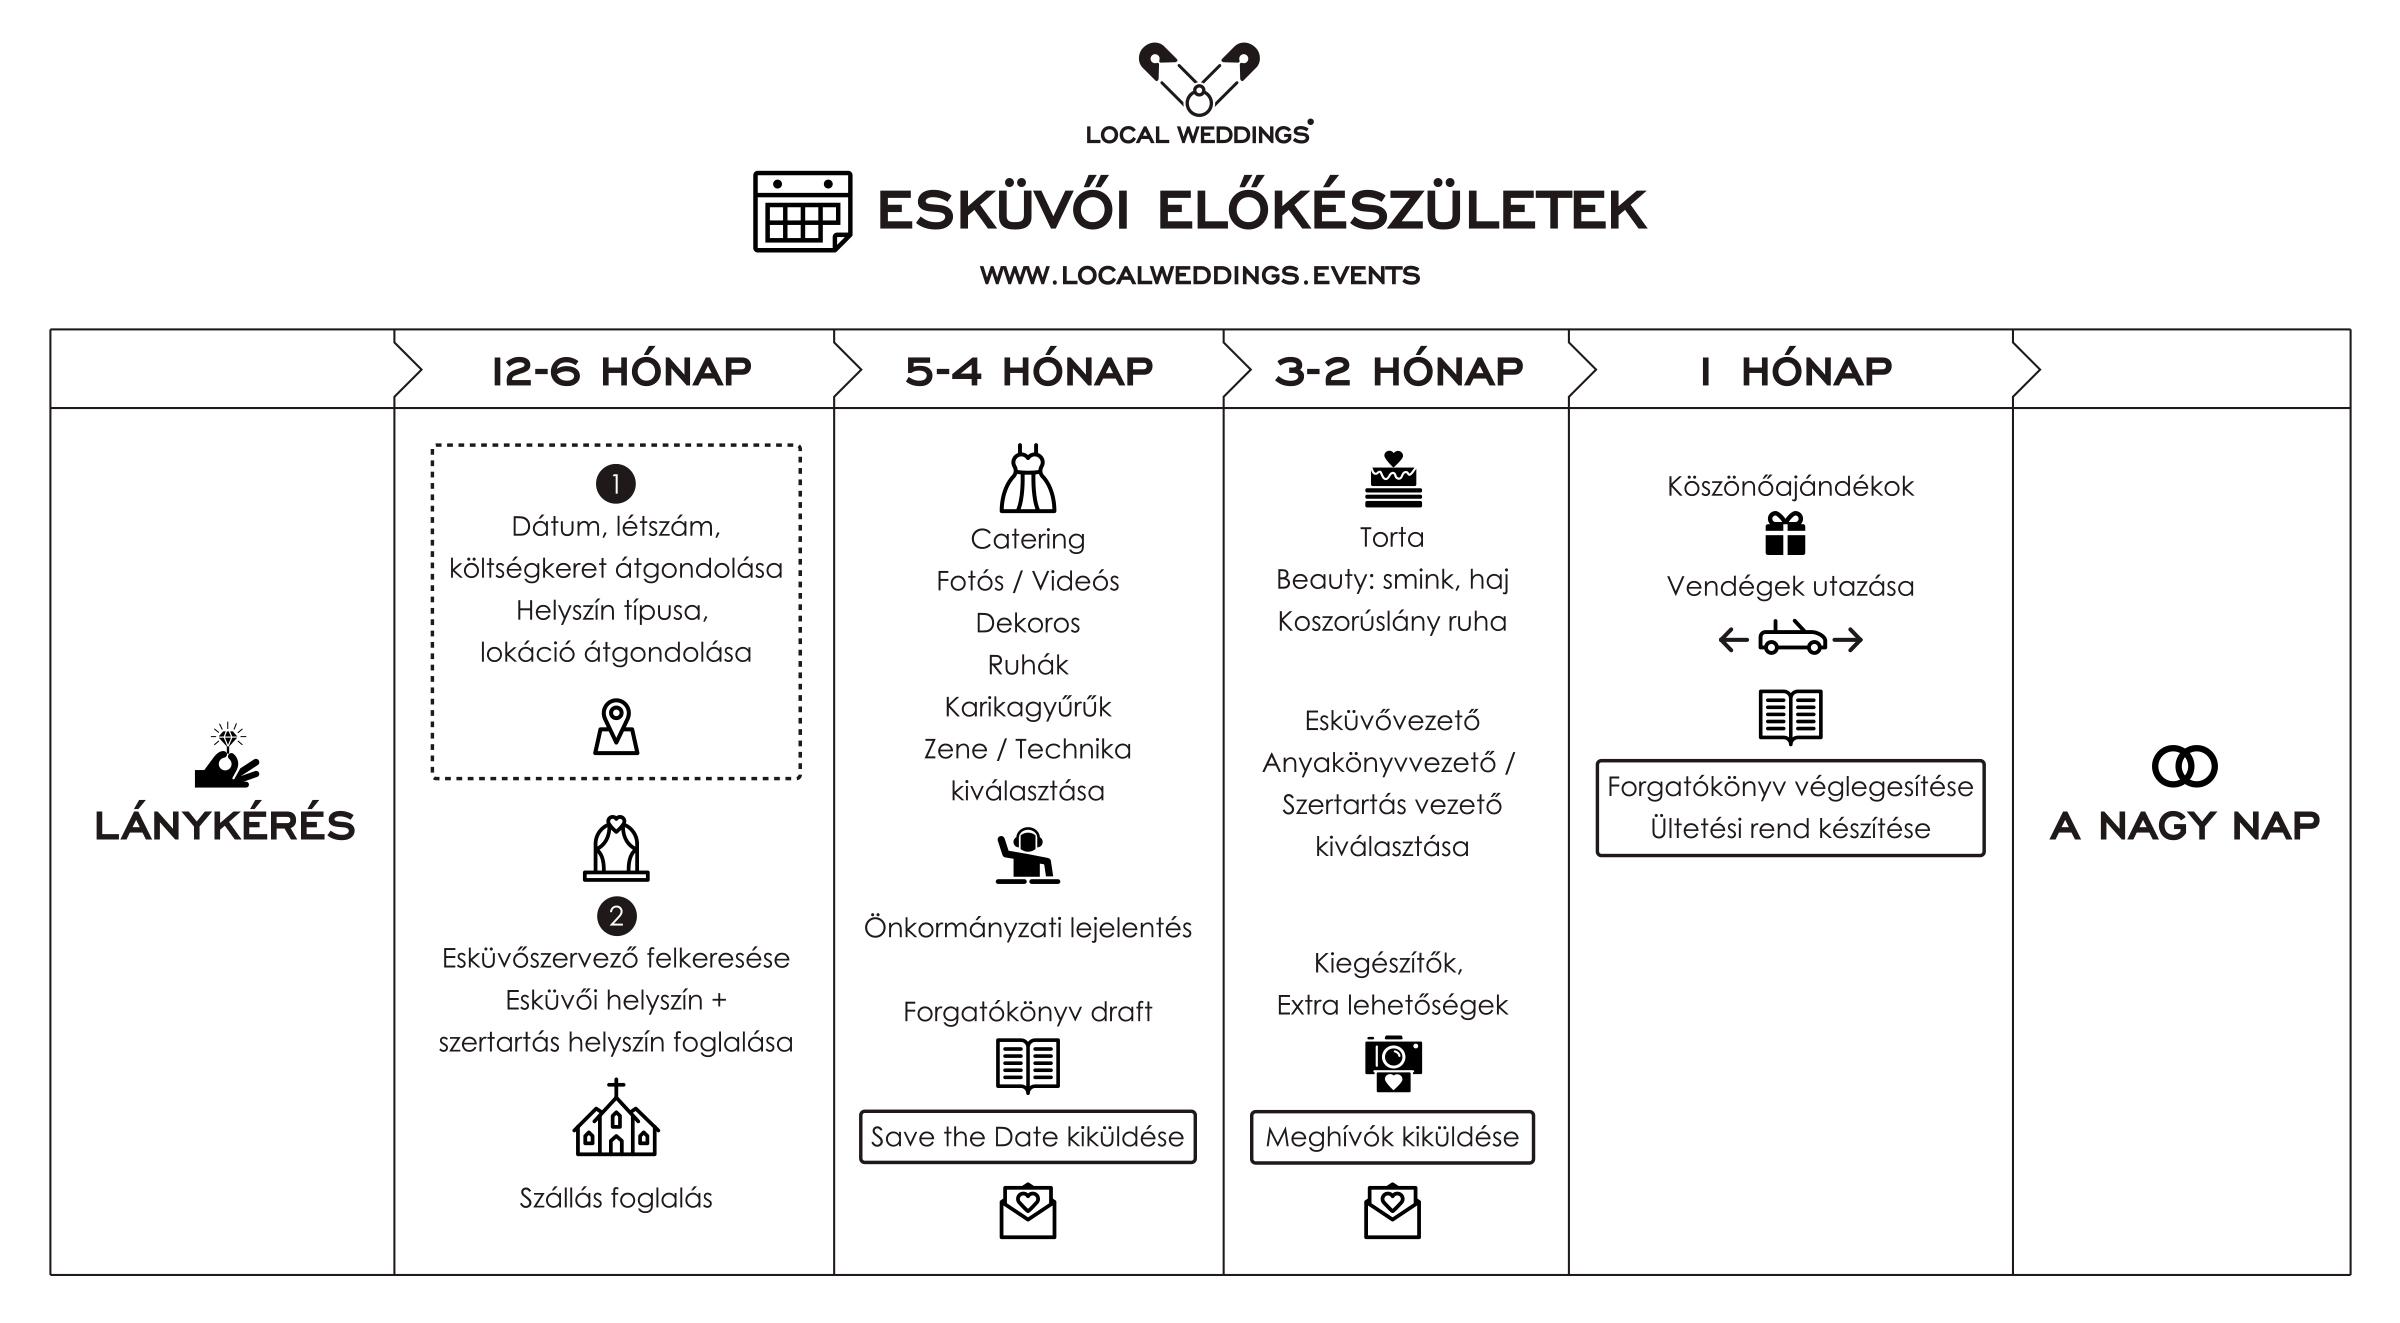 eskuvoi_kisokos